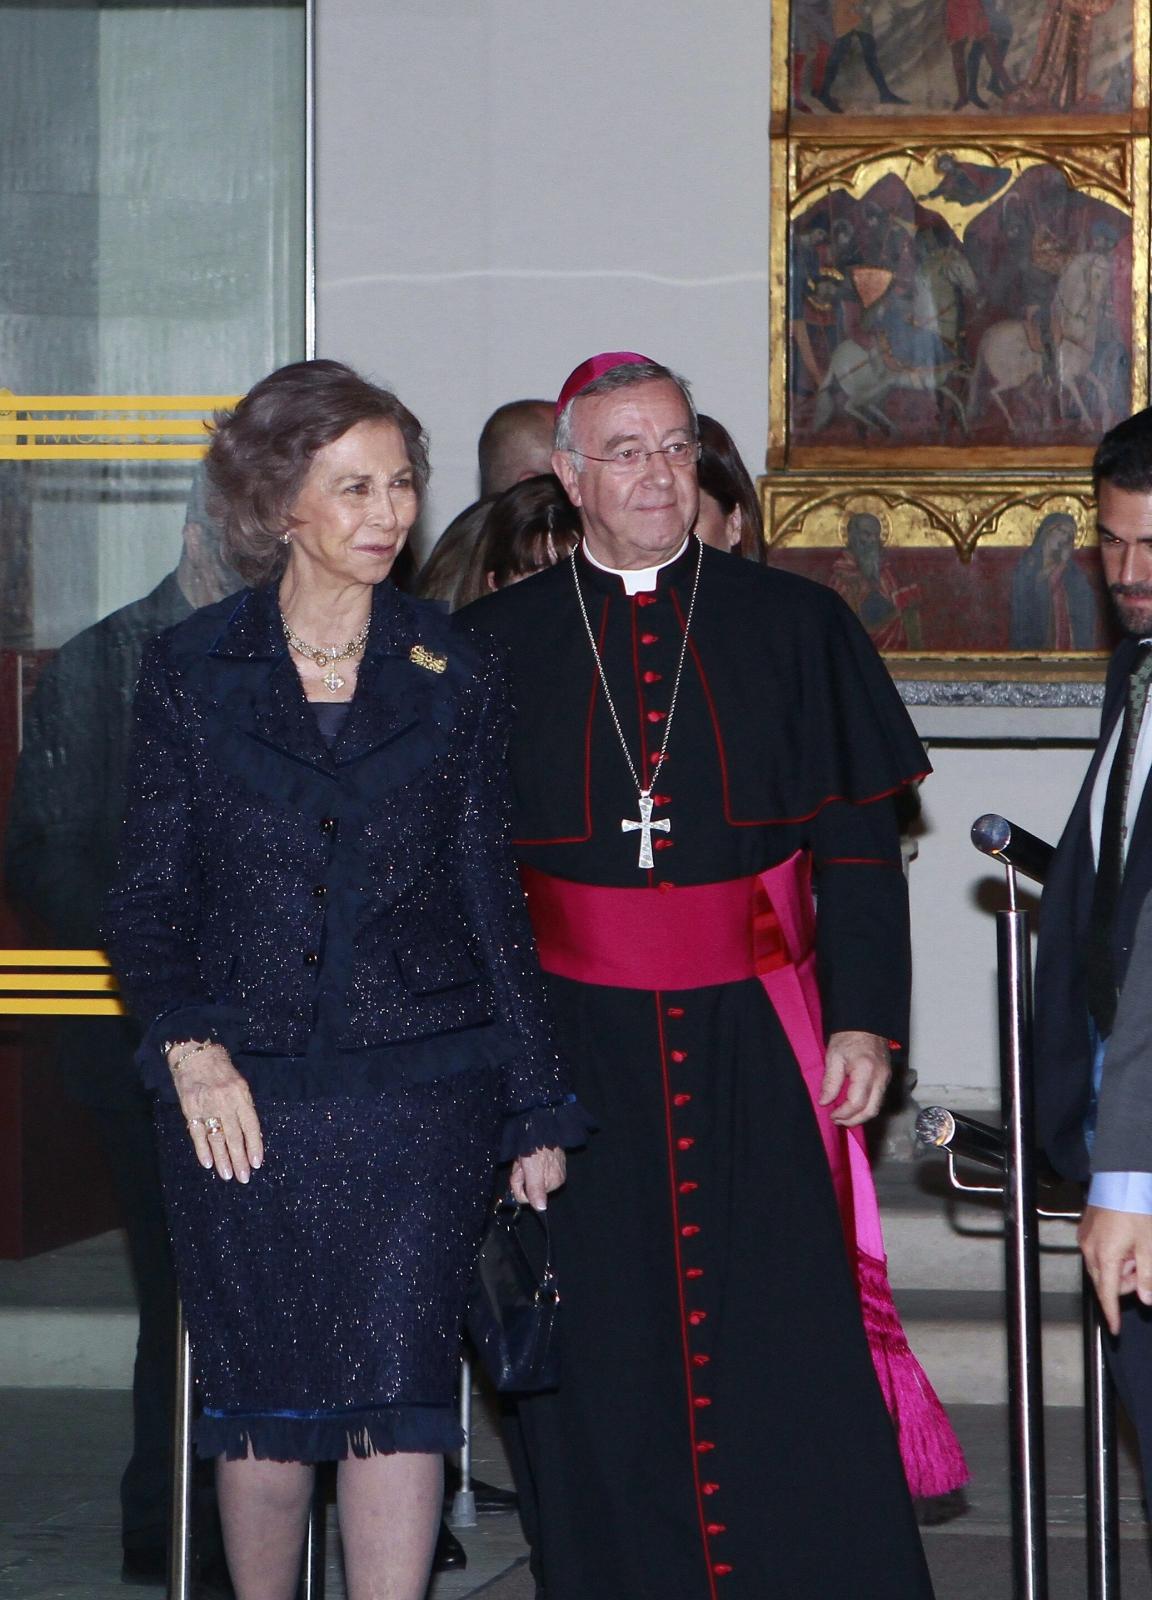 Królowa Hiszpanii i biskup Majorki wspominają 700 rocznicę śmierci hiszpańskiego filozofa Ramona Llula.